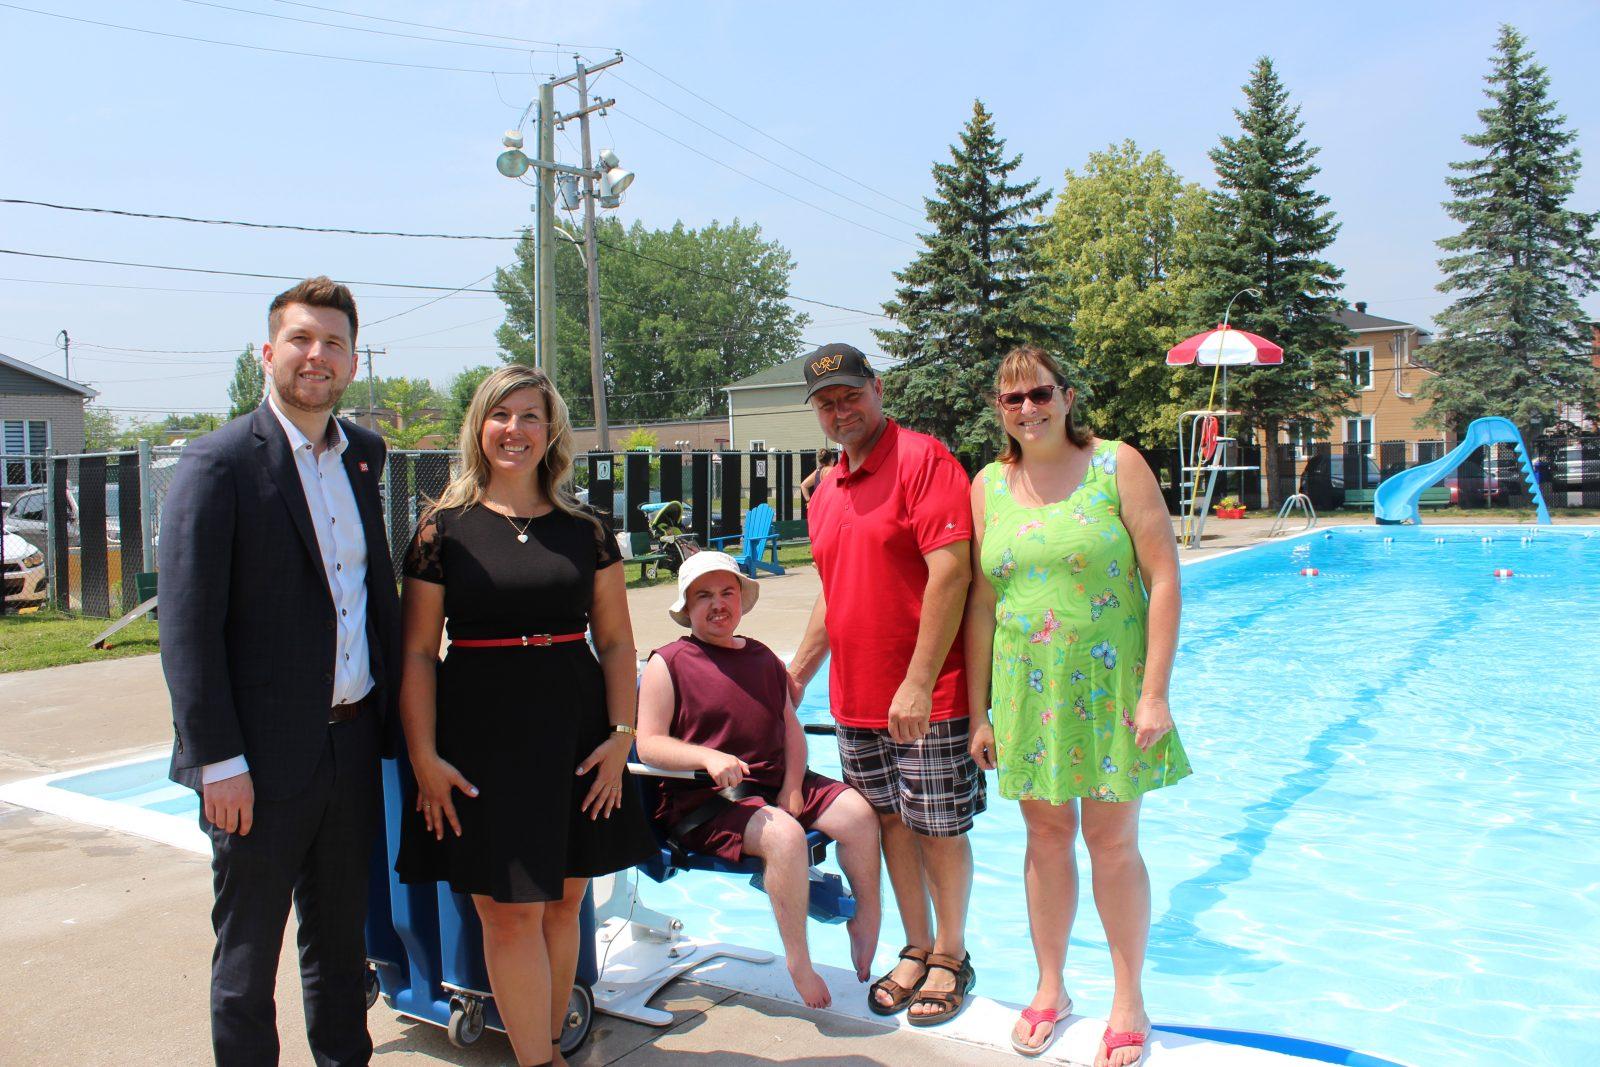 Une chaise pour personnes à mobilité réduite à la piscine municipale de Contrecoeur